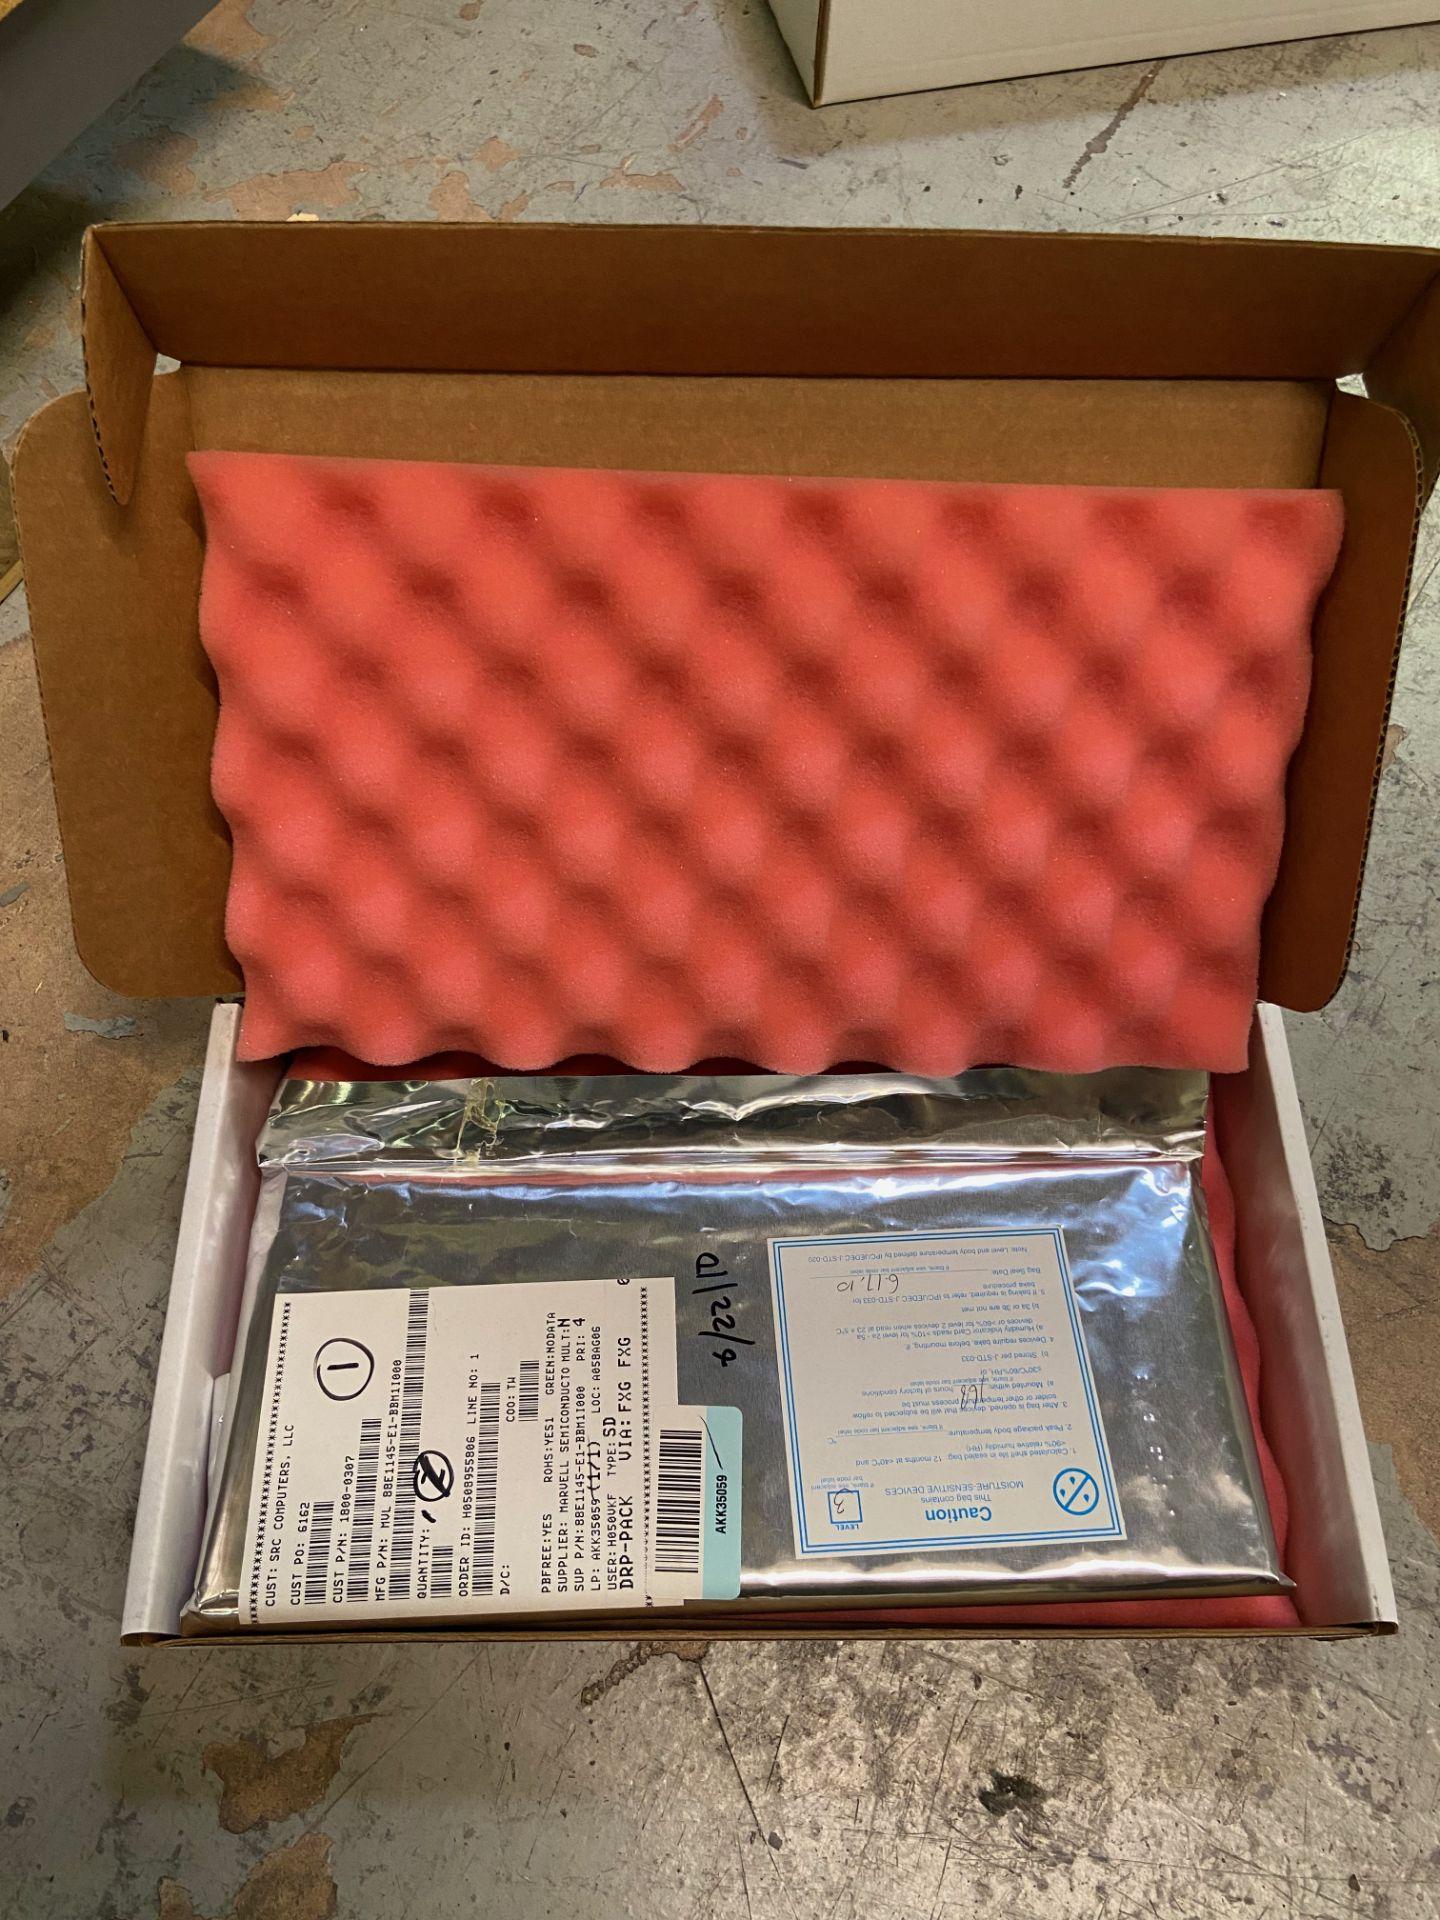 Alaska Quad Gigabit Ethernet Transceiver 88E1145 ,IC, 4-port Gigabit, 2.5V SSTL_2 (LF), QTY 1 - Image 2 of 6